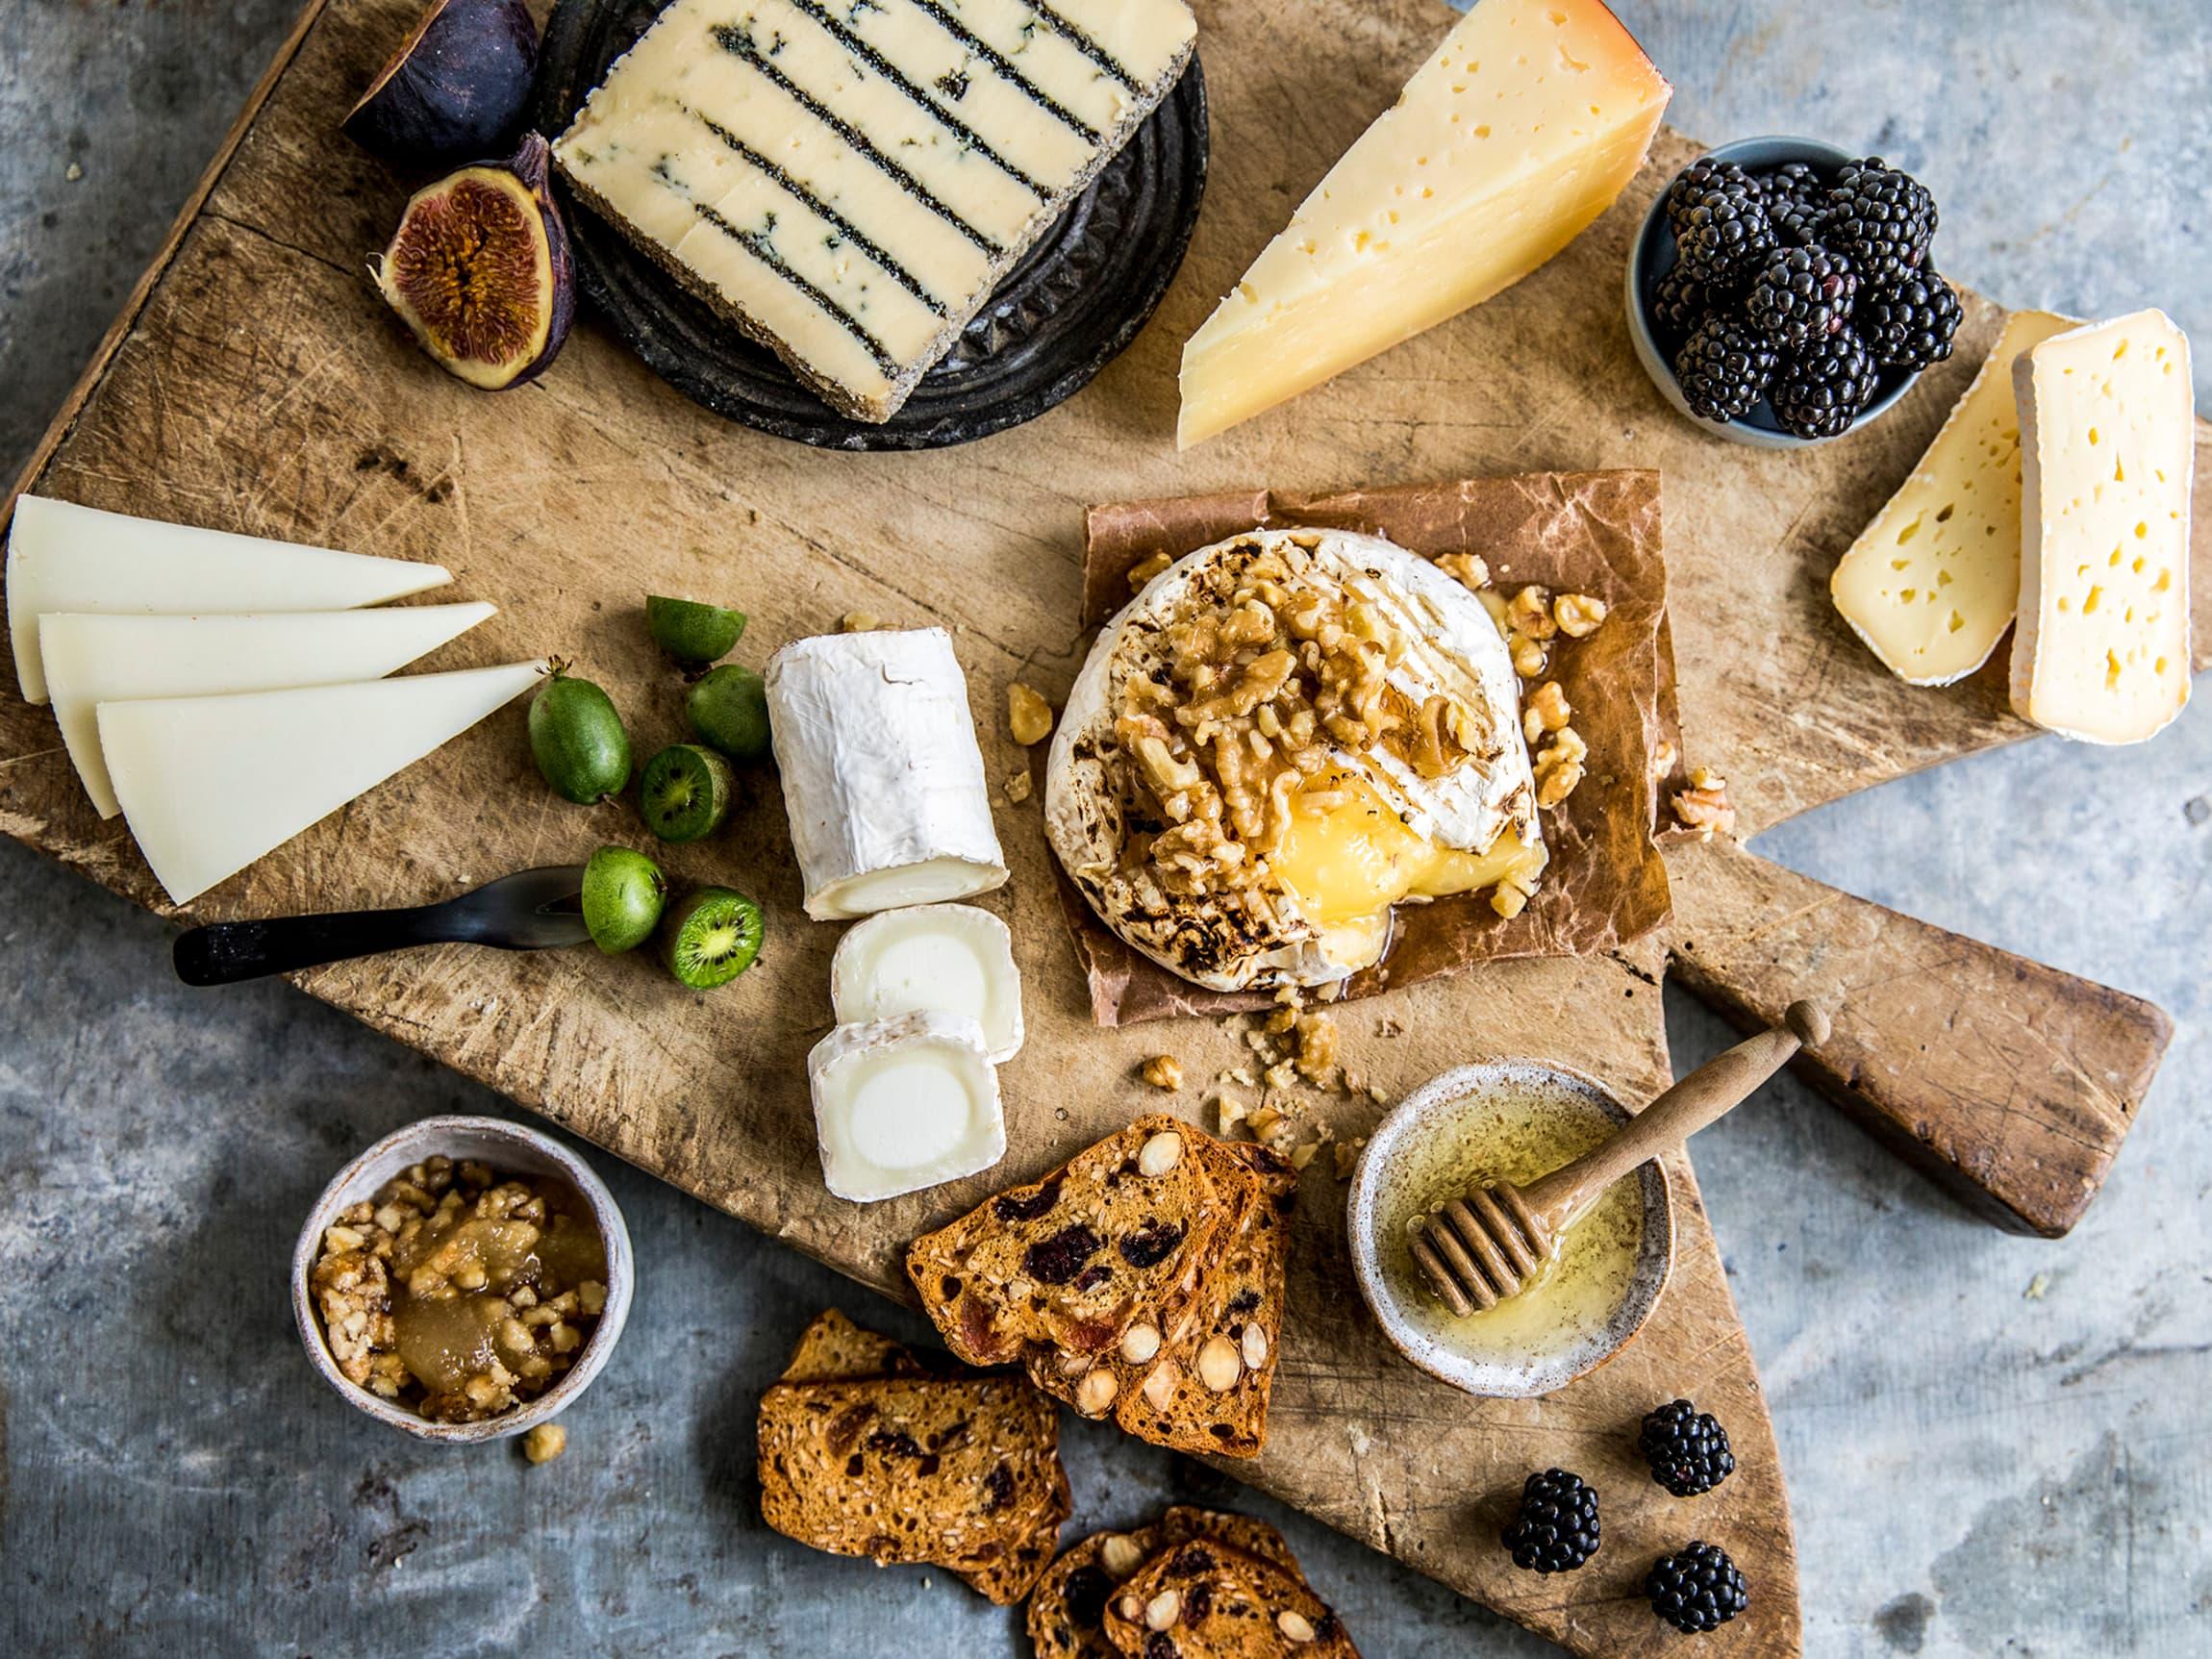 Enten du skal ha en ostekveld eller bare ønsker en spenstig ost i hverdagen finner du garantert noe i ostedisken i din MENY-butikk!